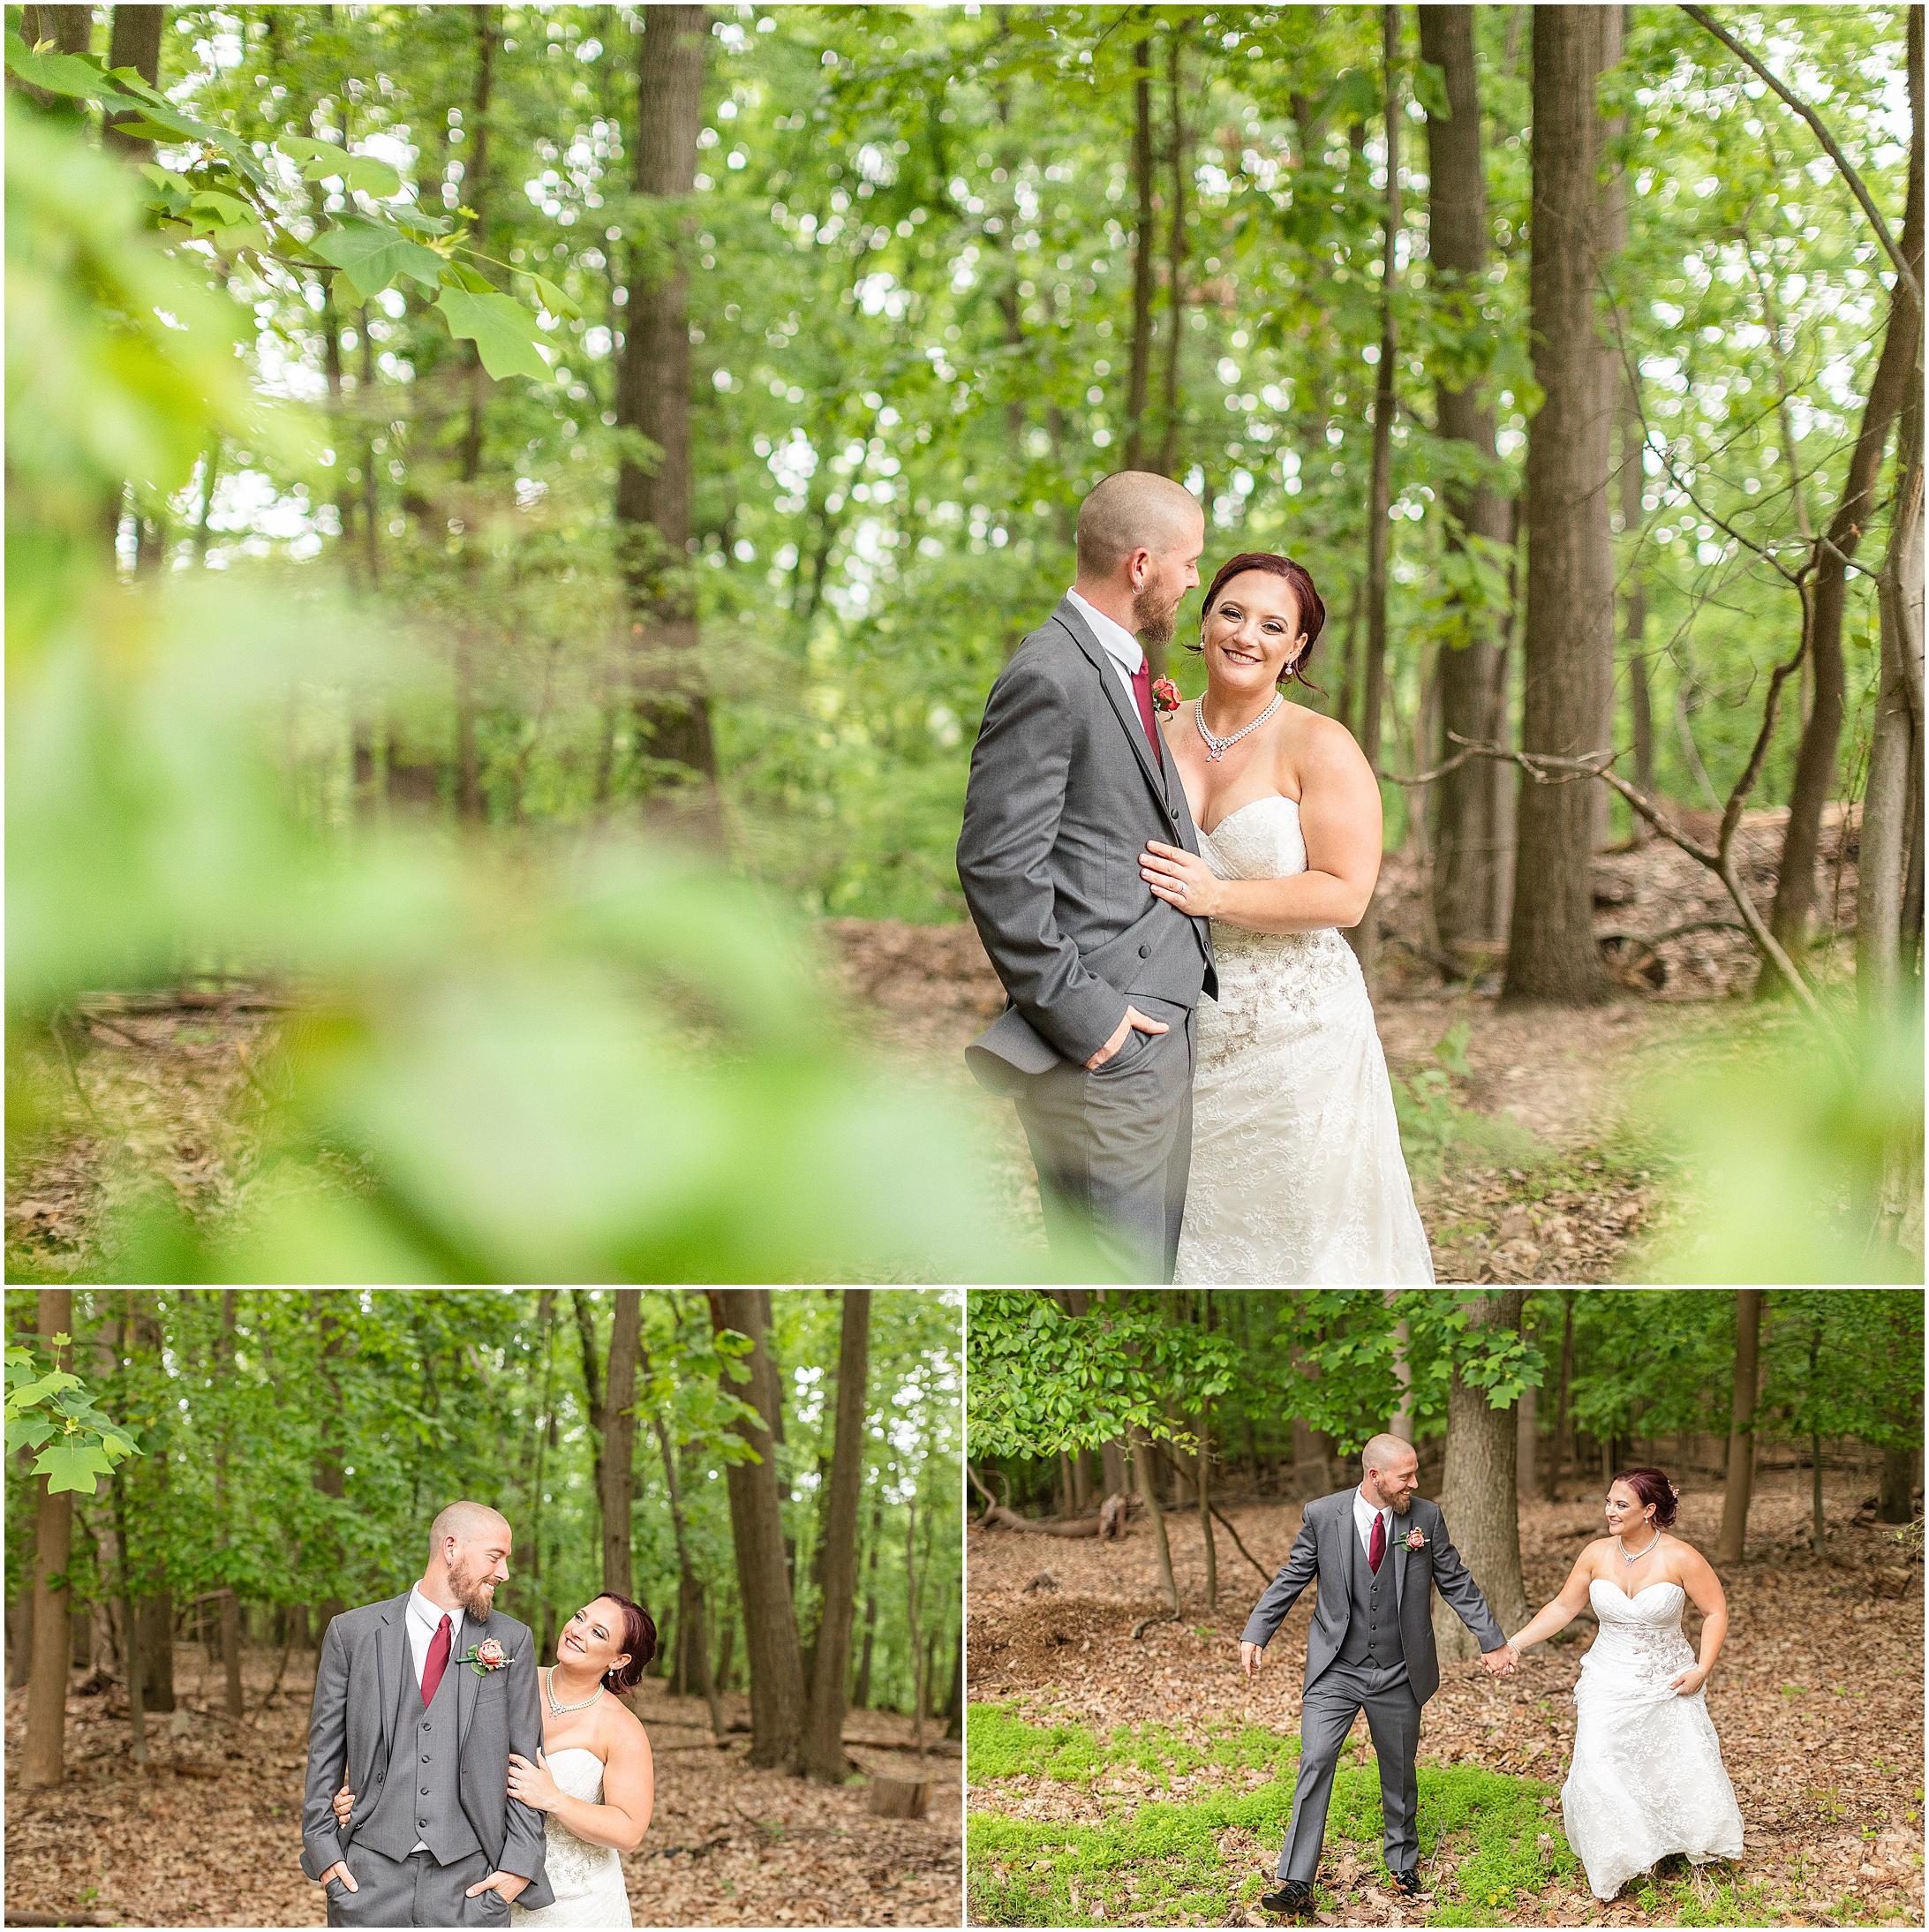 Cloister-Castle-Wedding-Photos_0188.jpg